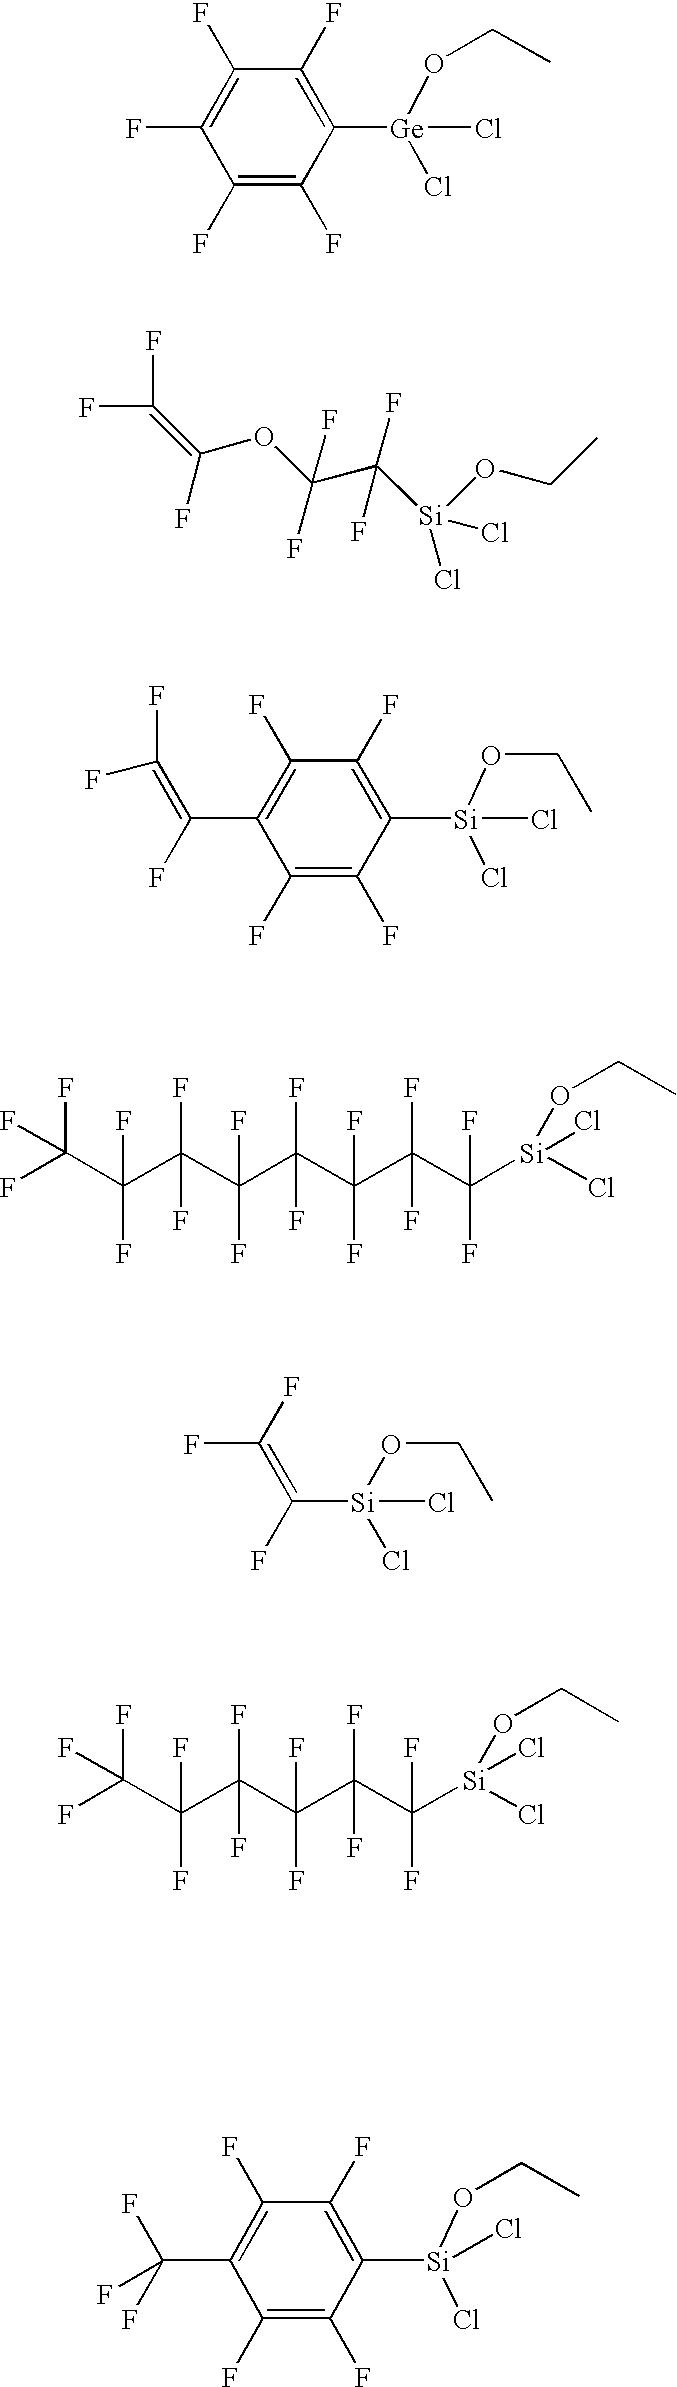 Figure US20030231851A1-20031218-C00005